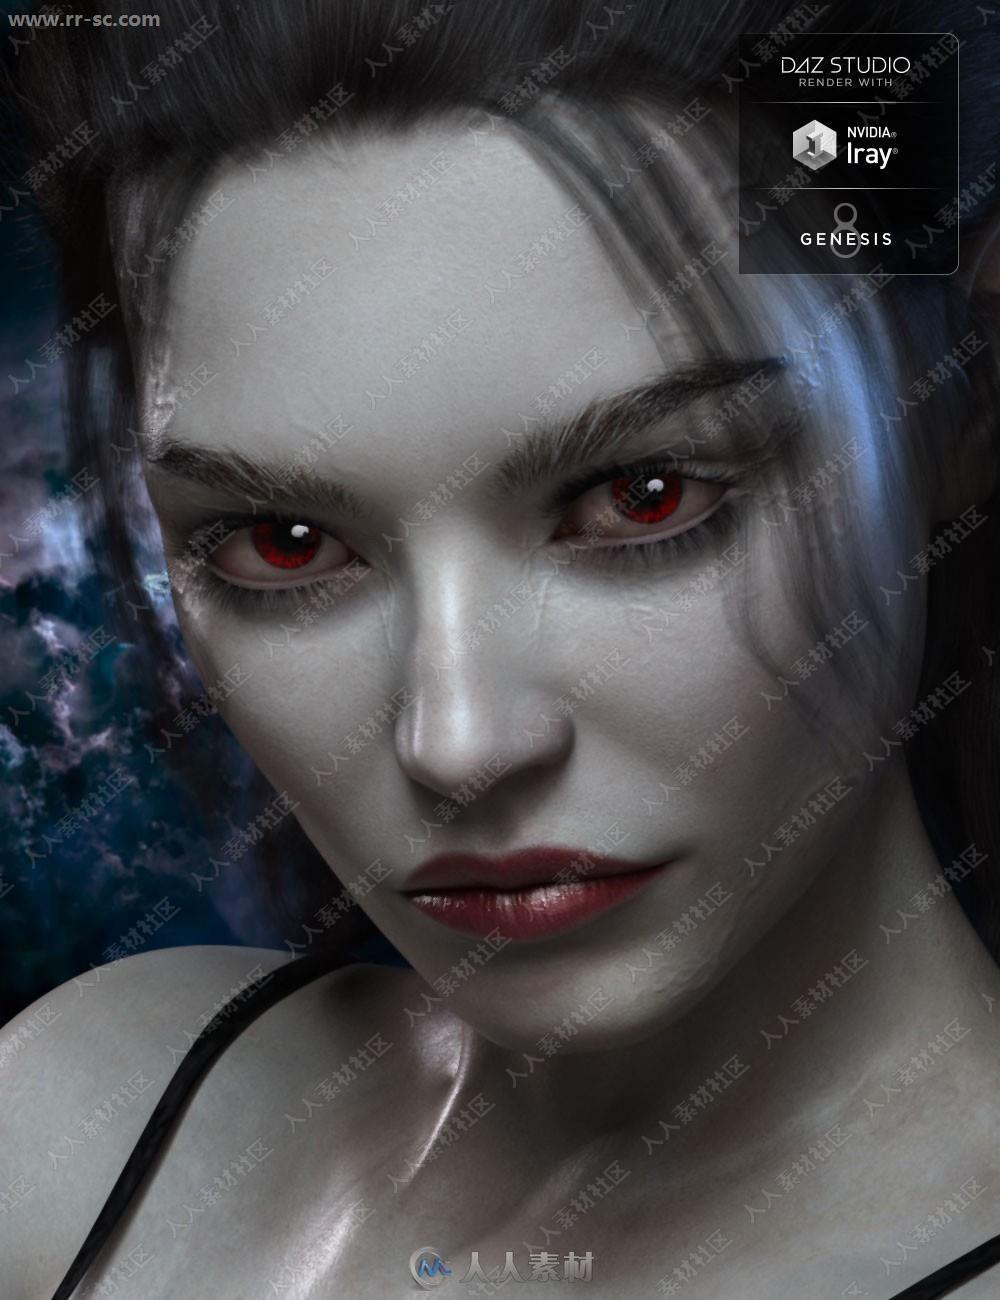 苍白吸血鬼女孩多组瞳孔妆容静脉3D模型